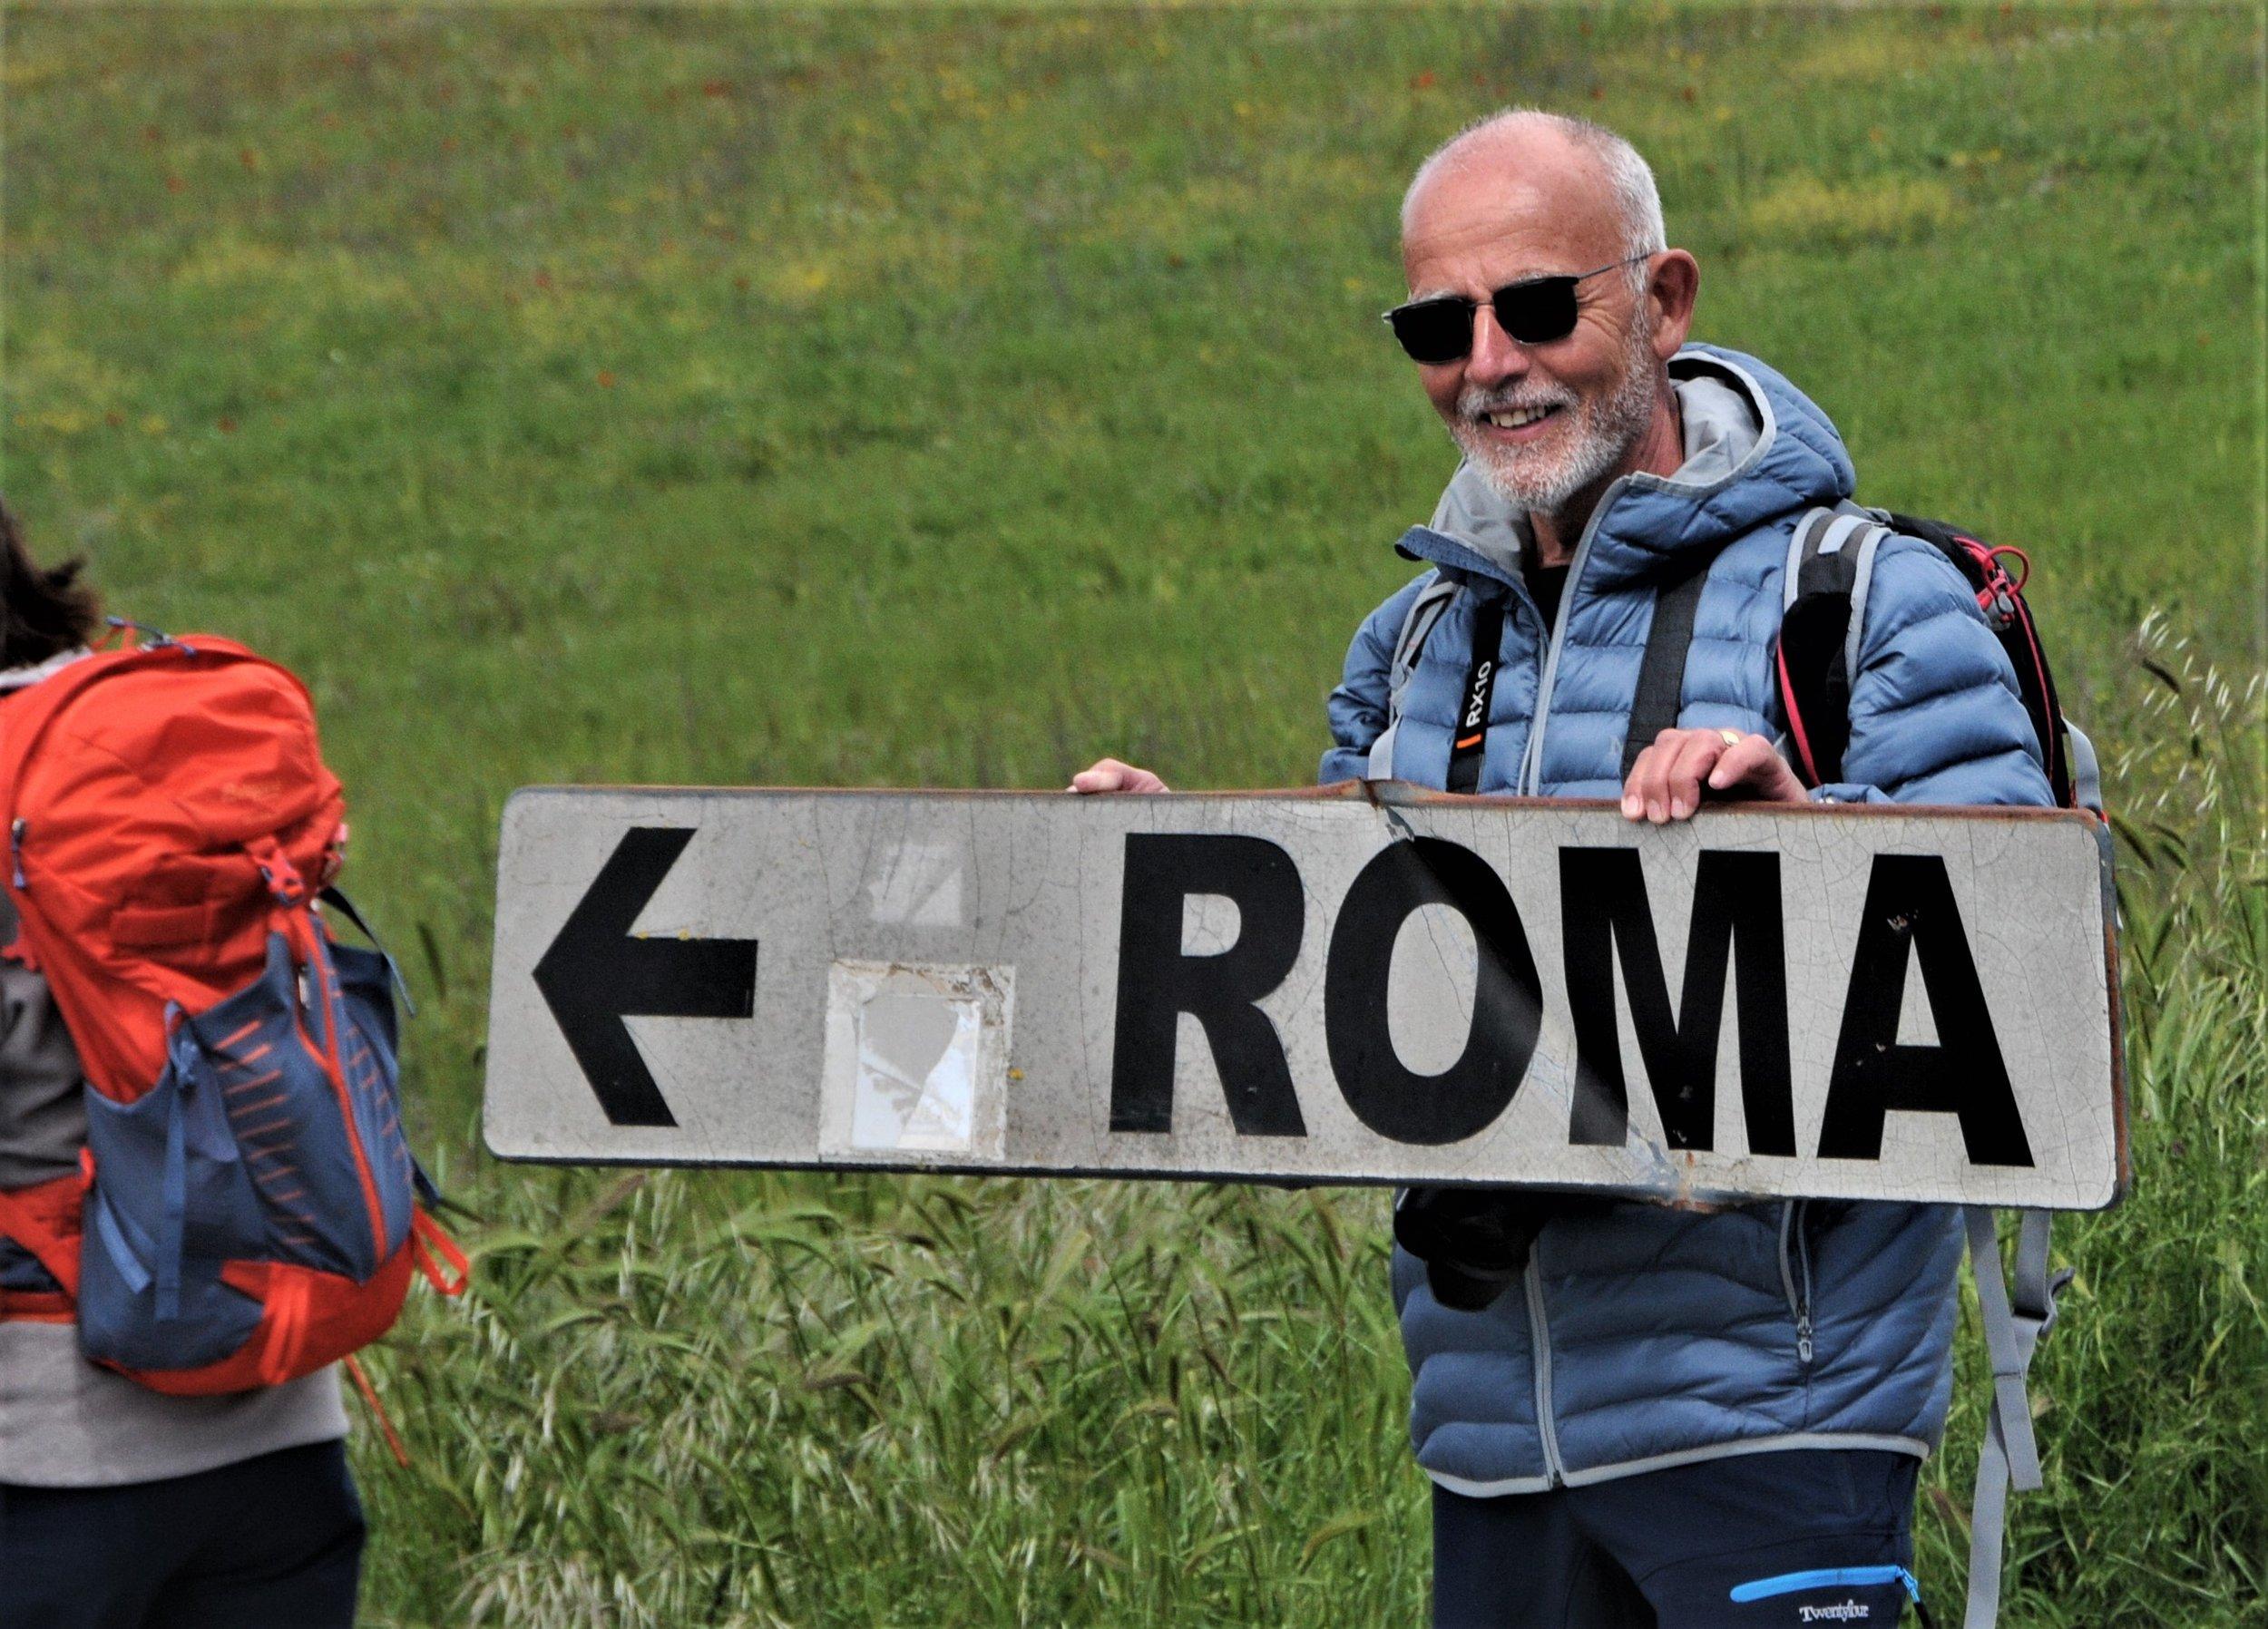 Roma neste Foto Kjell Helle-Olsen (66).jpg